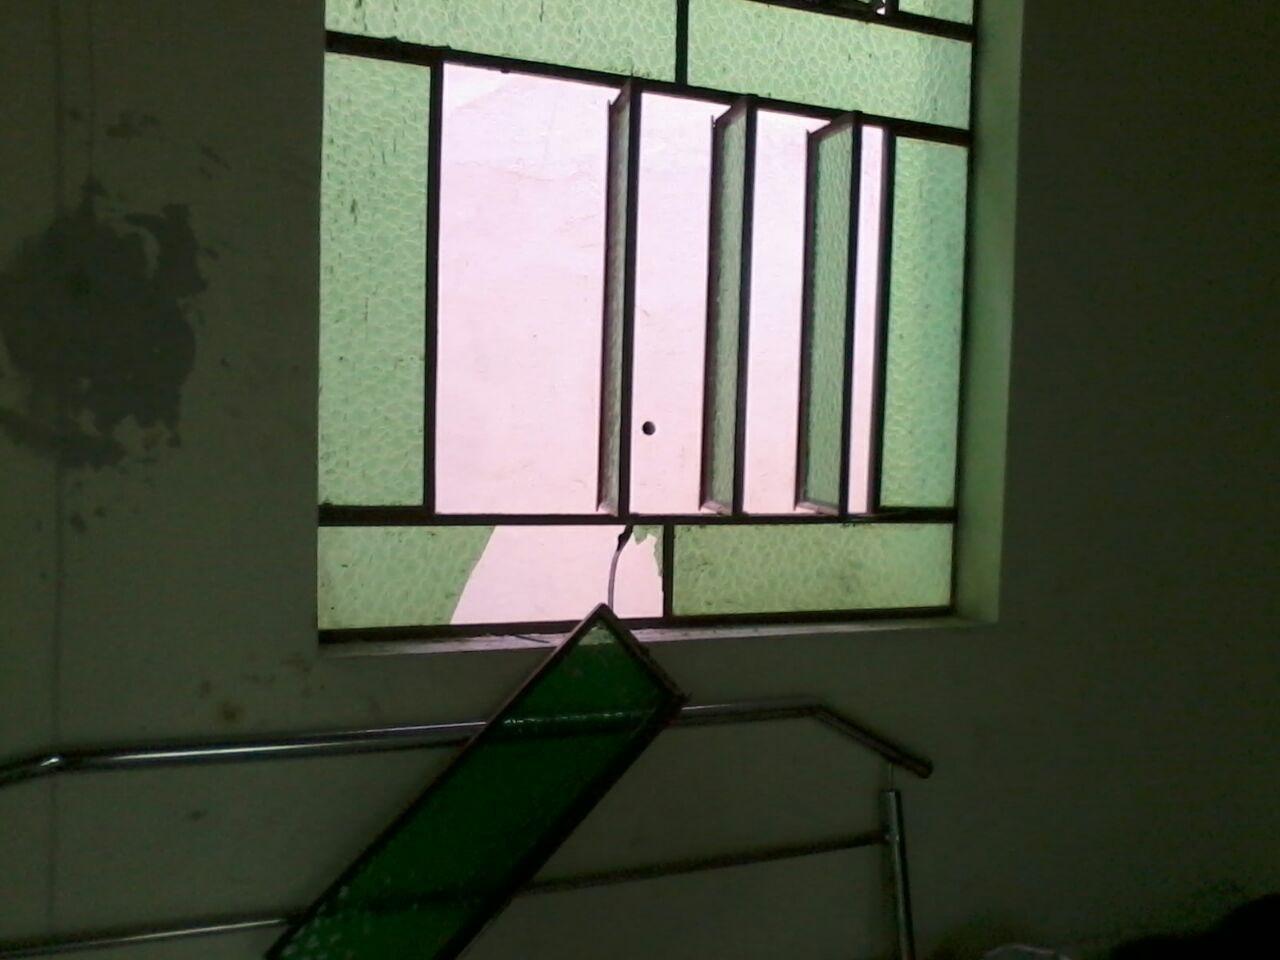 Os criminosos quebraram os vidros das básculas laterais para ter acesso ao interior da igreja, uma das mais tradicionais de Cachoeiro